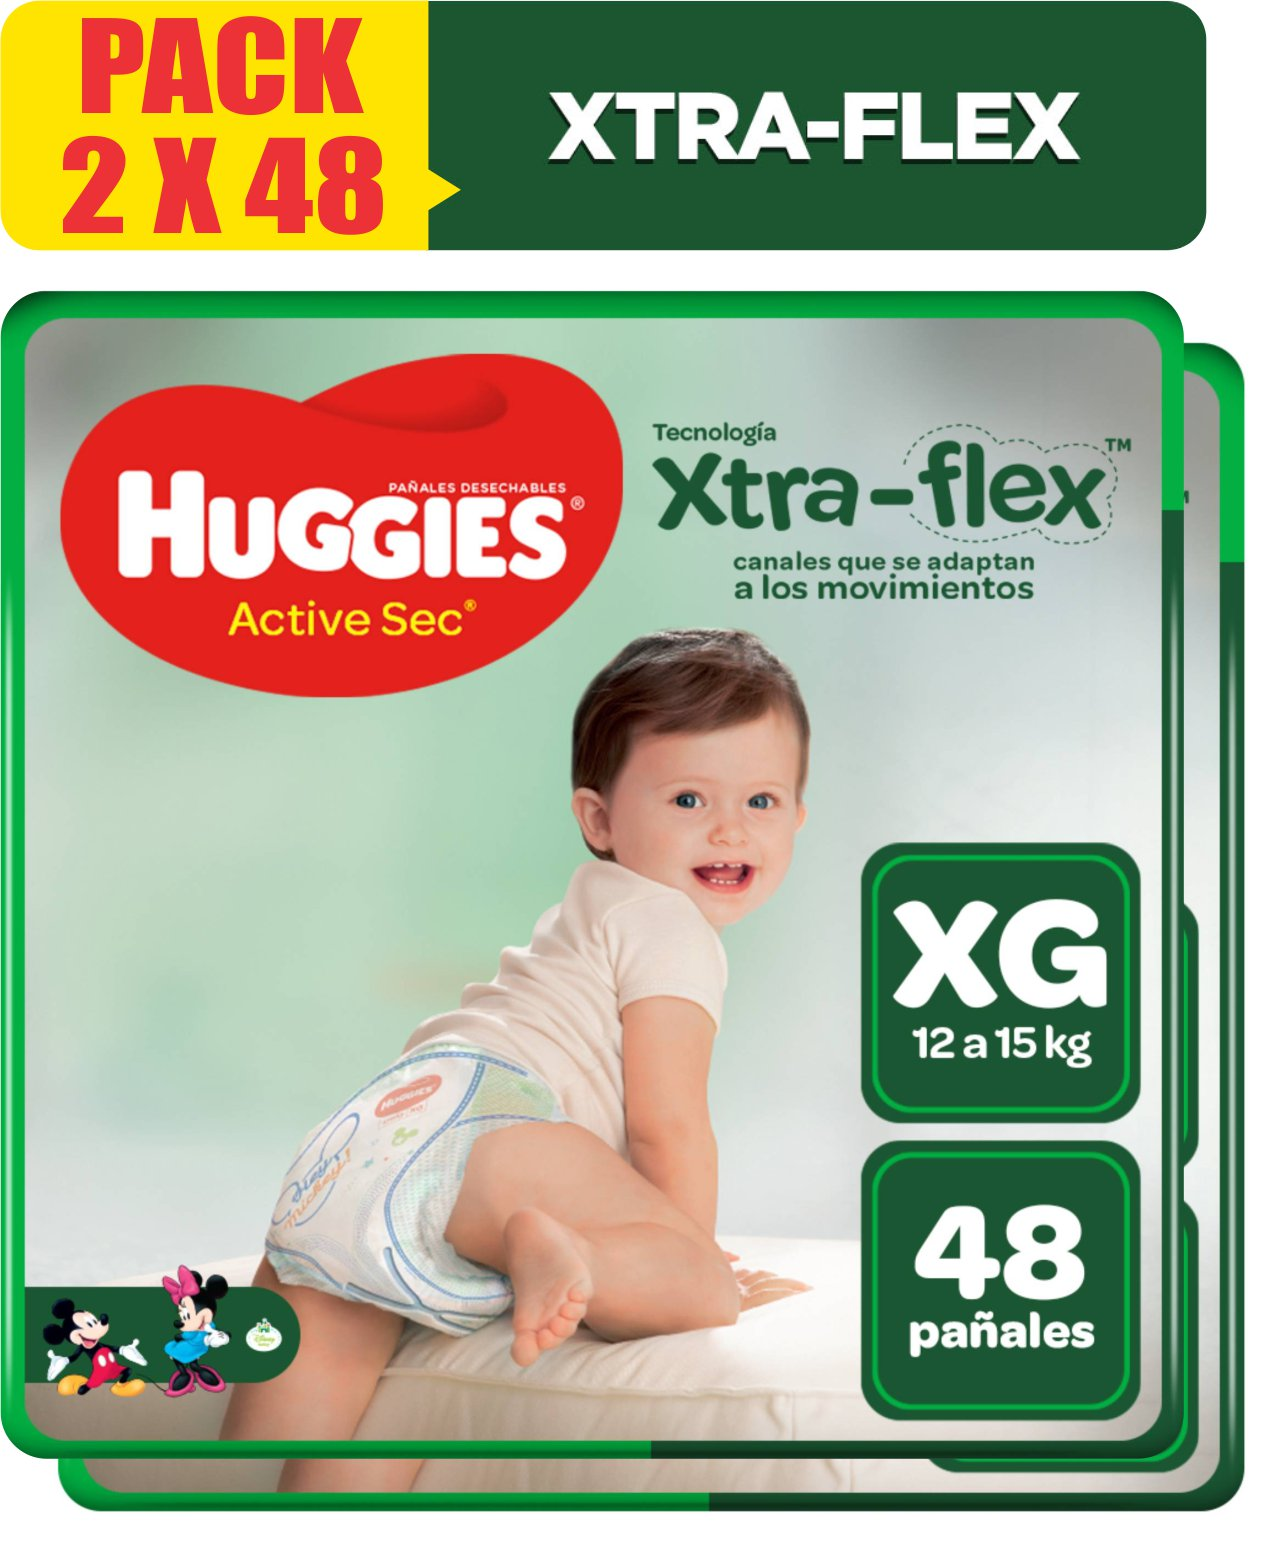 Pañales Huggies Active Sec Xtra Flex Talla XG - Pack x 2 bolsas 48 UN